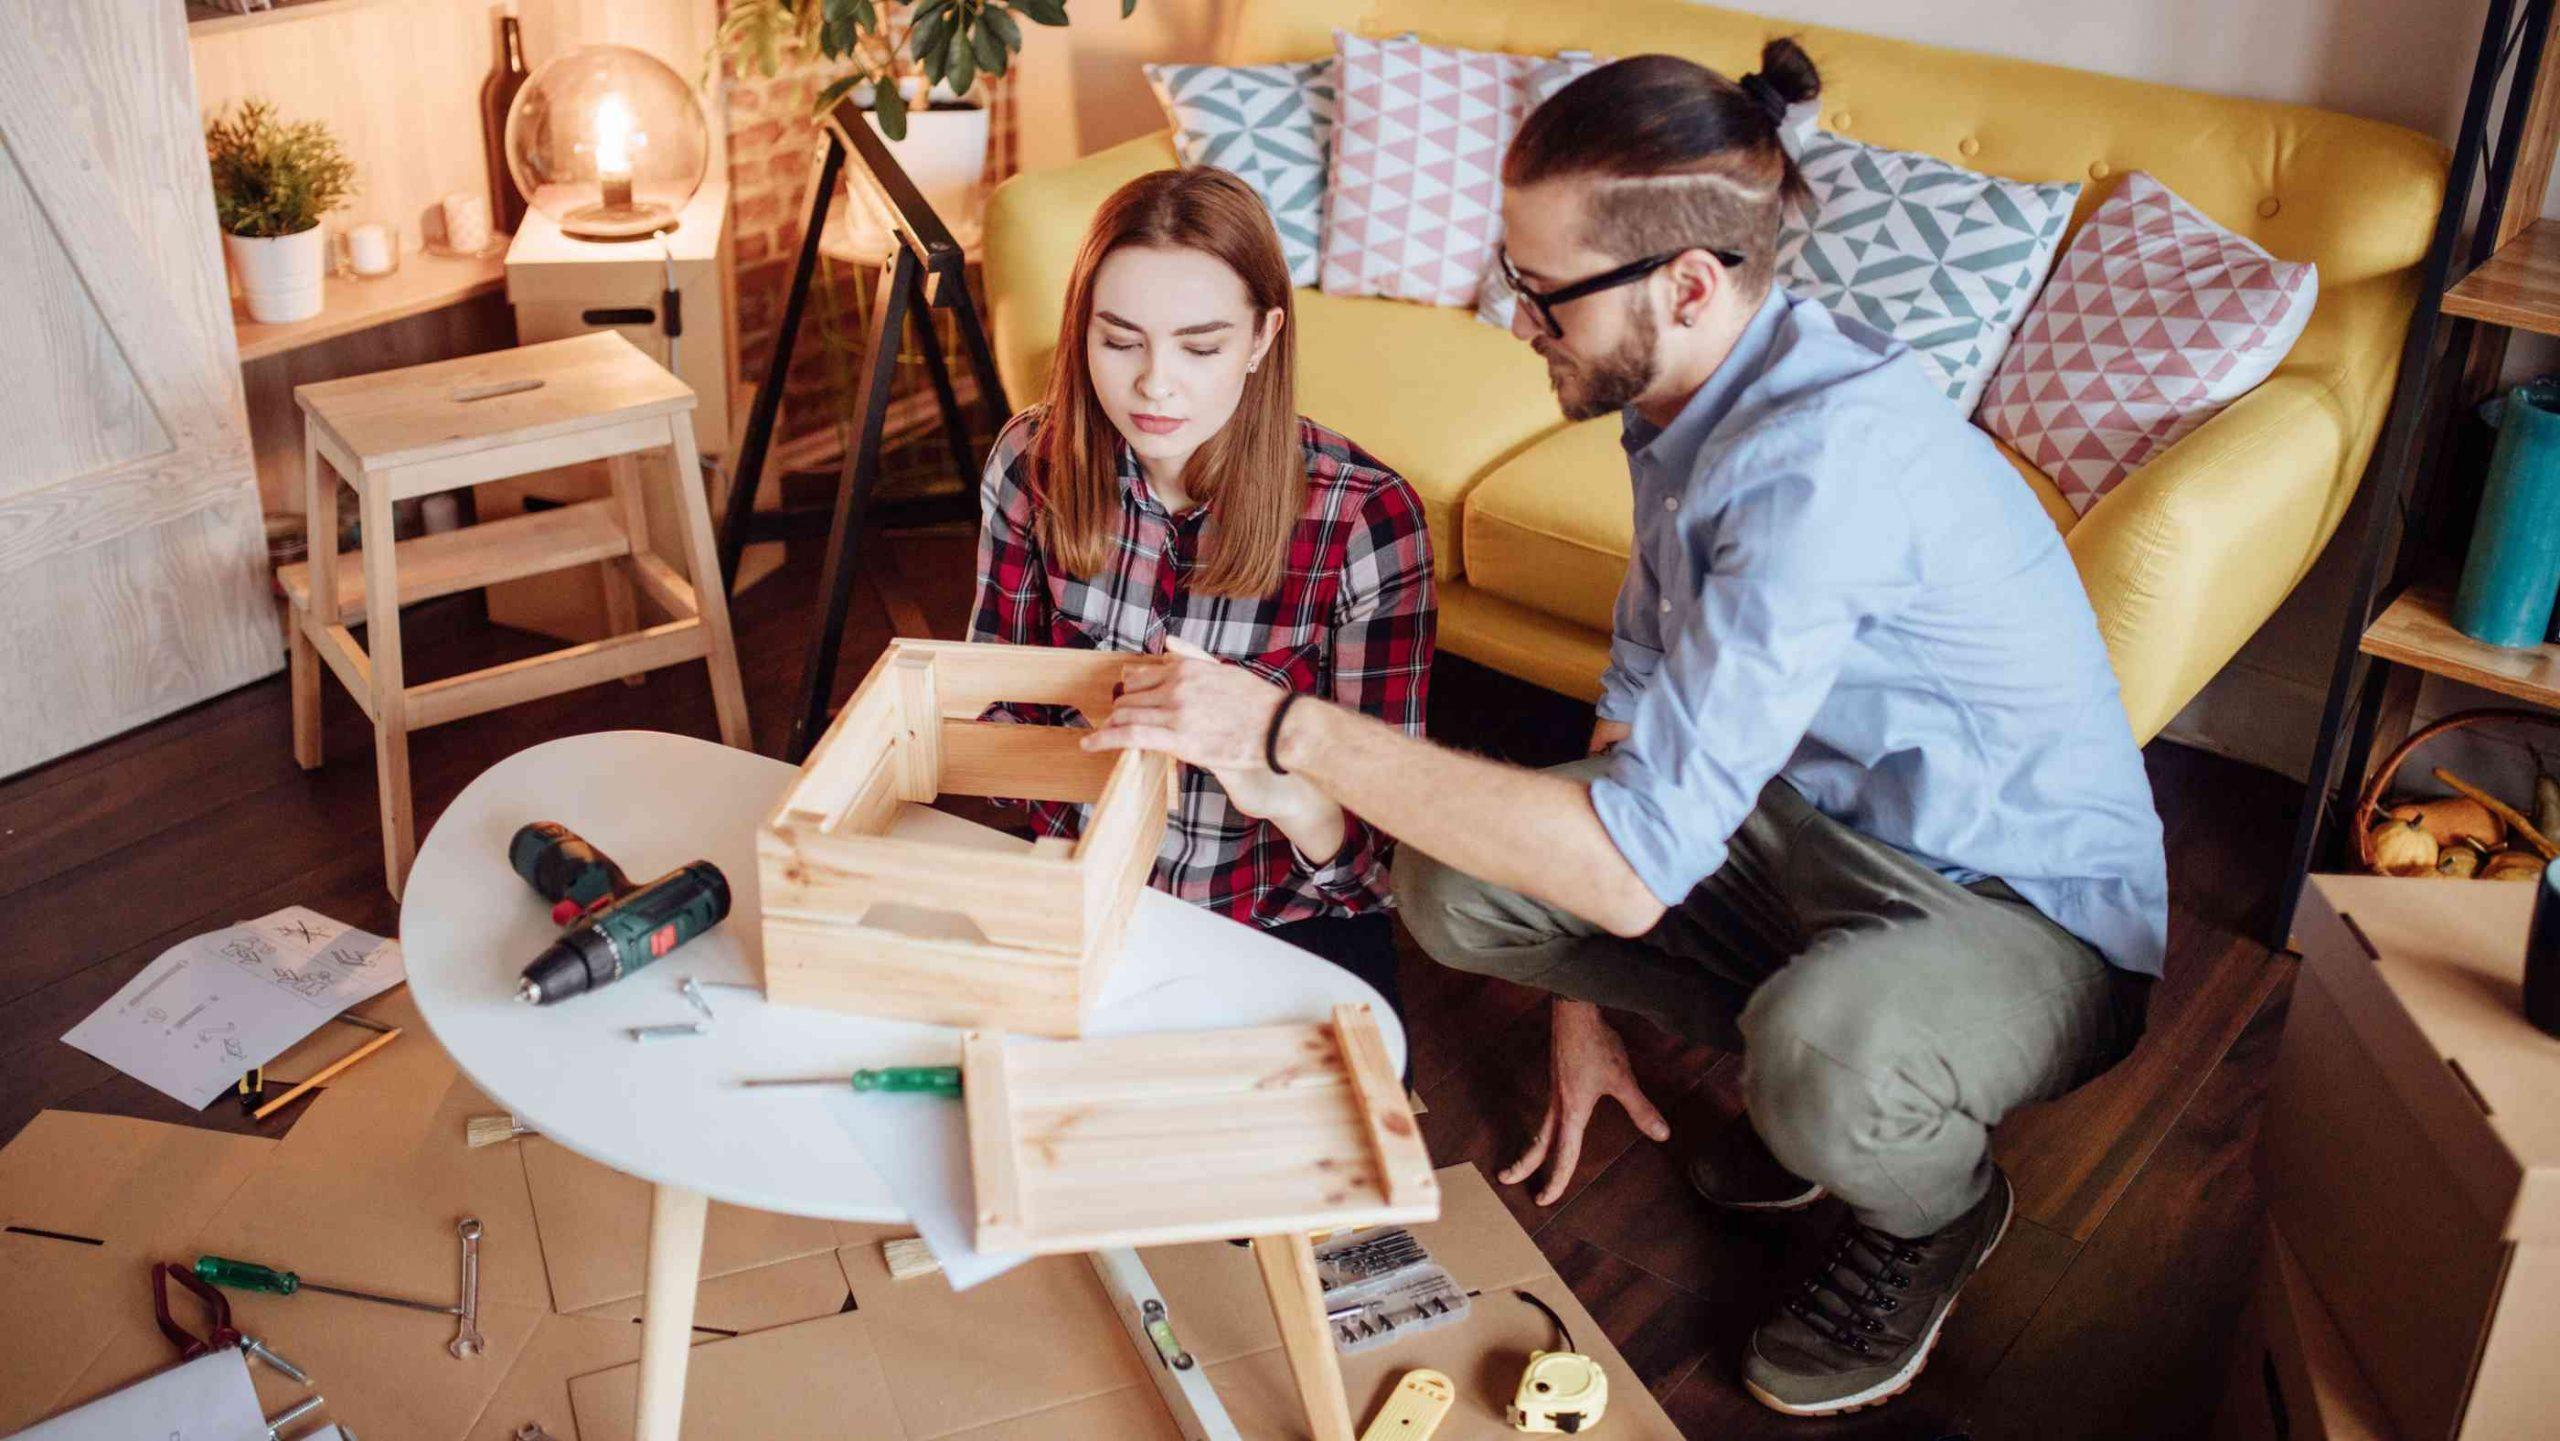 Full Size of Top 15 Besten Ikea Hacks Fr Euer Zuhause Modulküche Miniküche Magnettafel Küche Wanduhr Aufbewahrung Mintgrün Fettabscheider Türkis Kleiner Tisch Wohnzimmer Ikea Hacks Küche